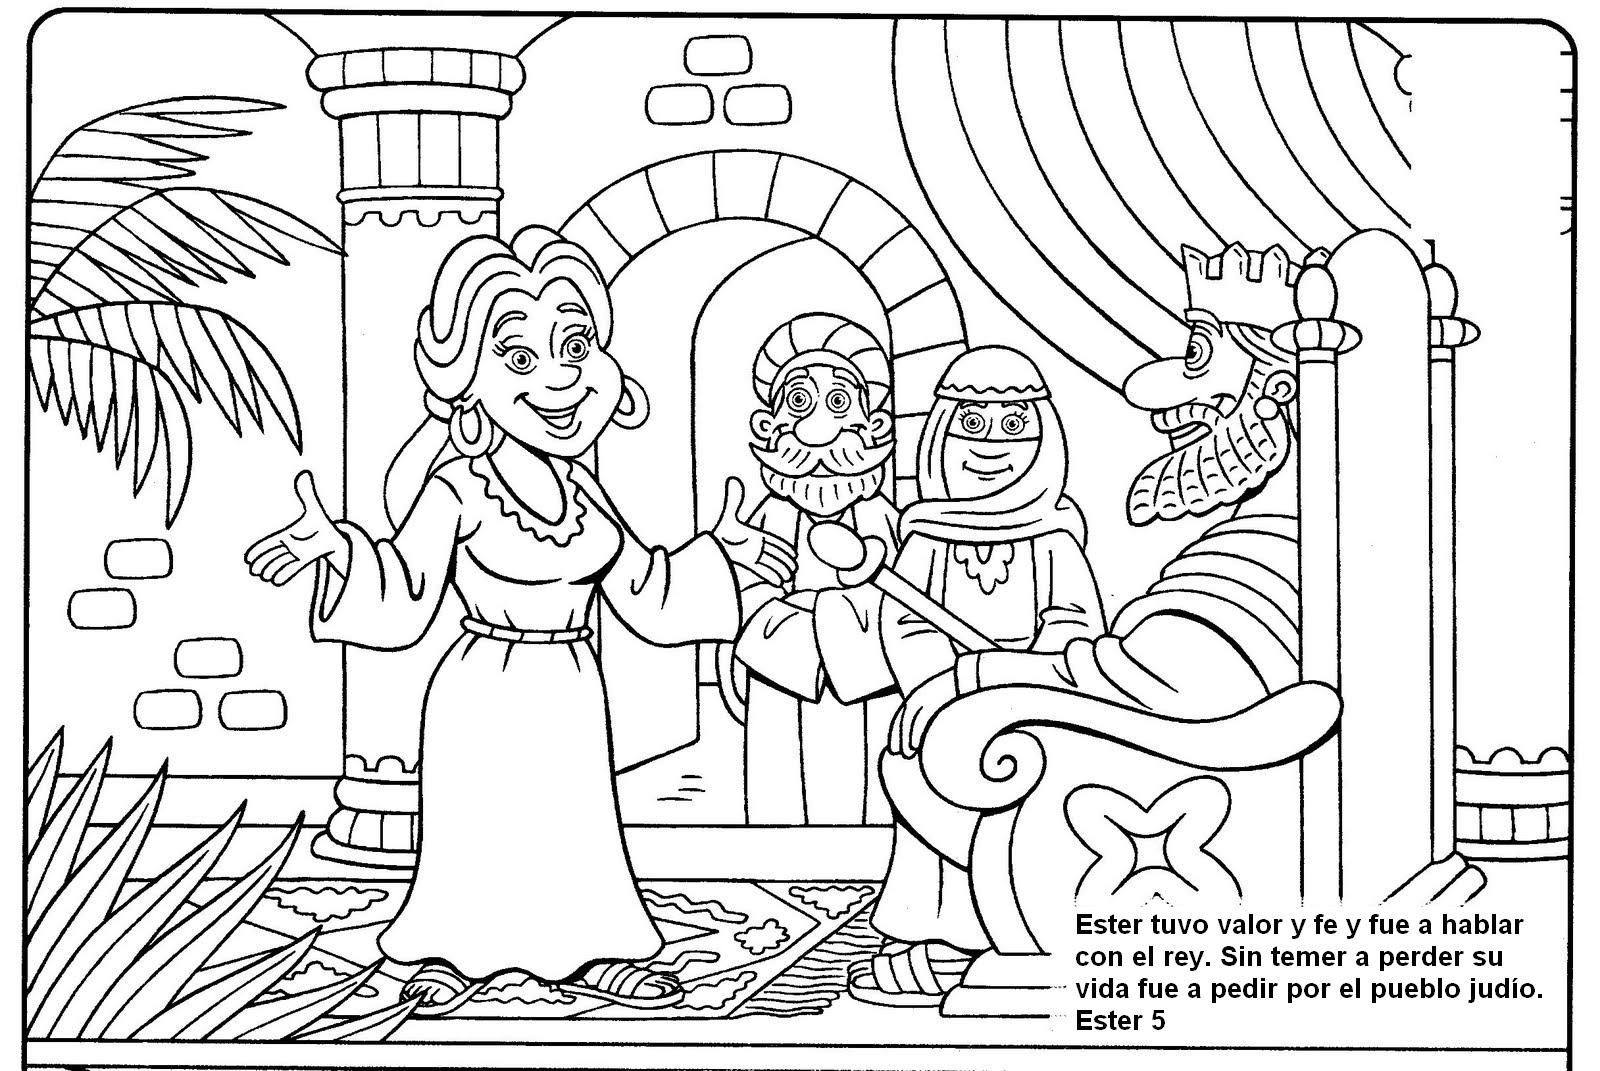 Asombroso Historias De Biblia Para Colorear Colección de Imágenes ...